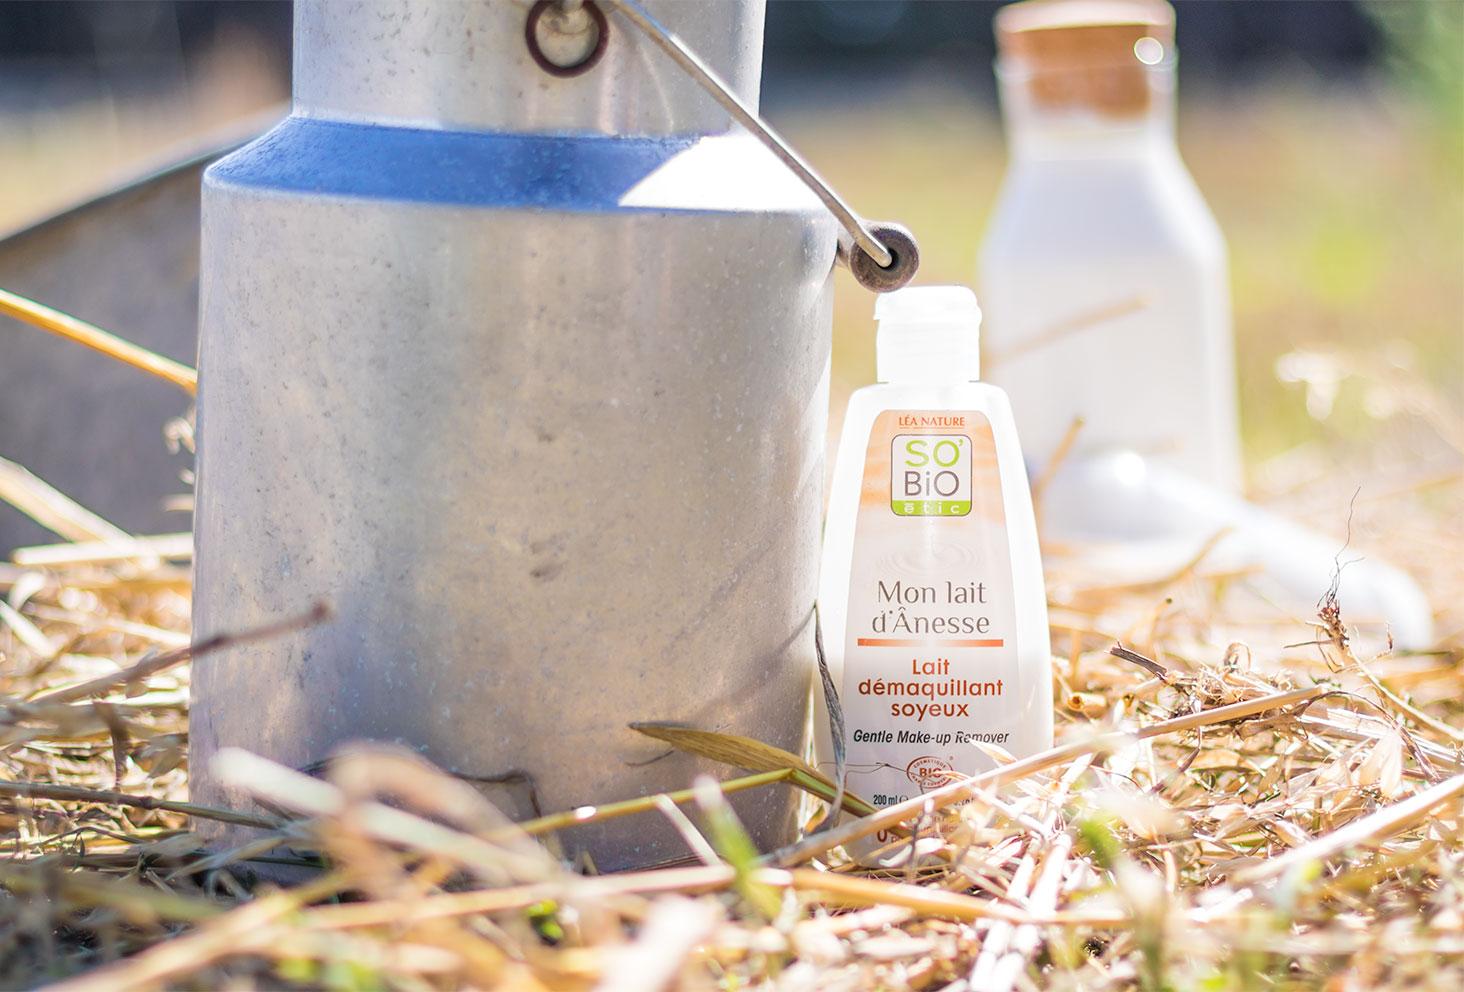 Présentation du démaquillant au lait d'ânesse de la gamme Mon lait d'Ânesse de la marque SO'BiO étic